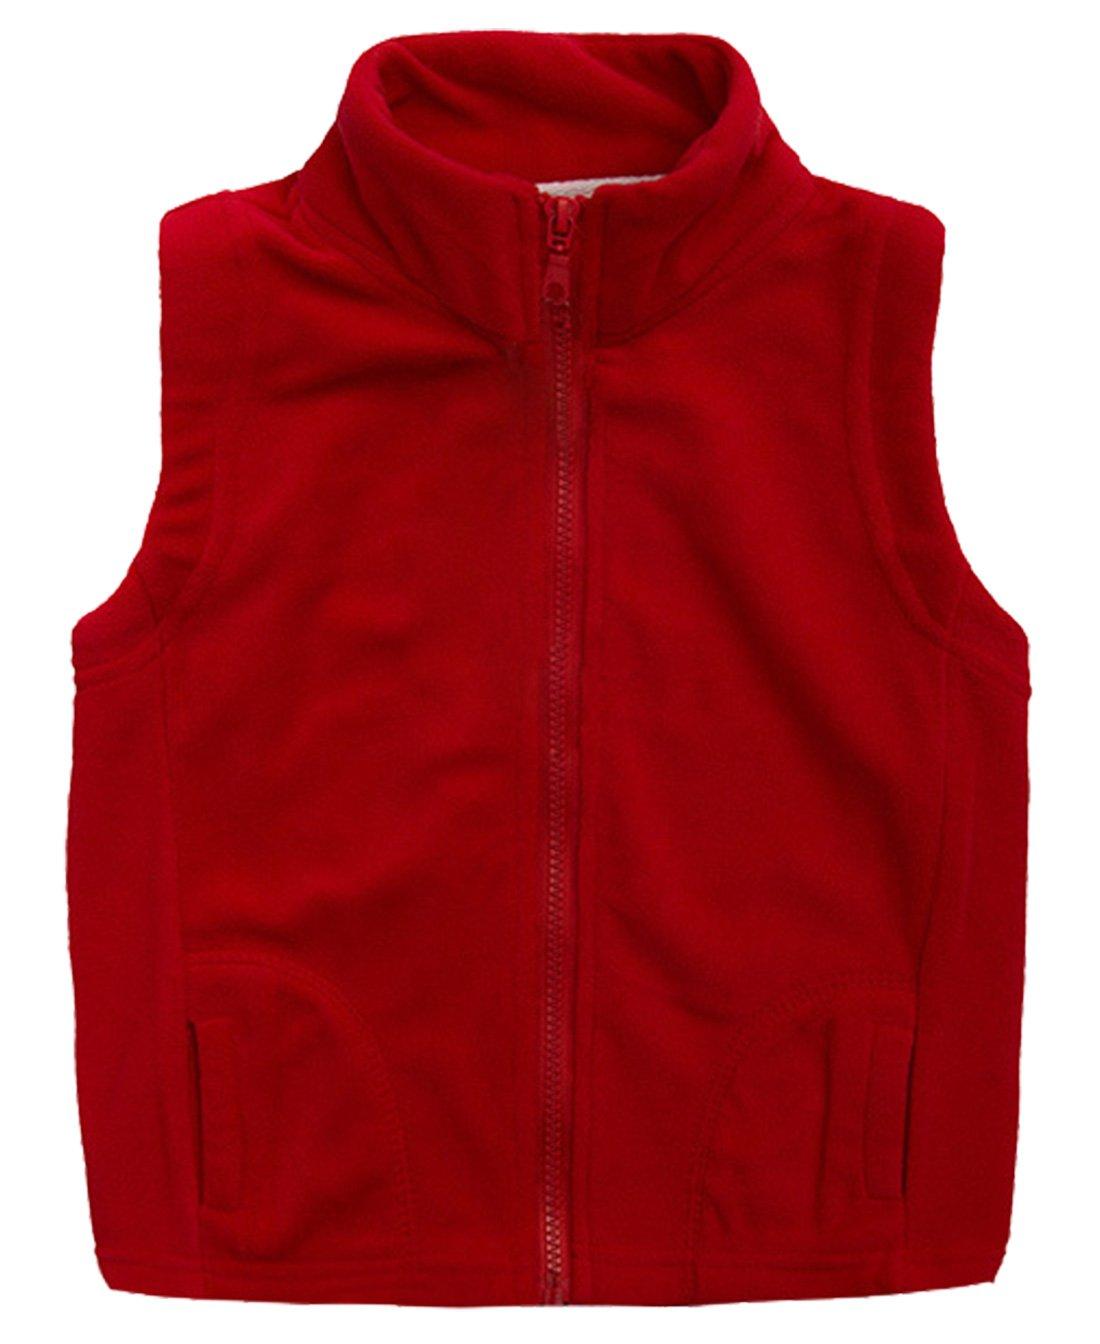 Aivtalk Girls Fleece Vest Warmth High Neck